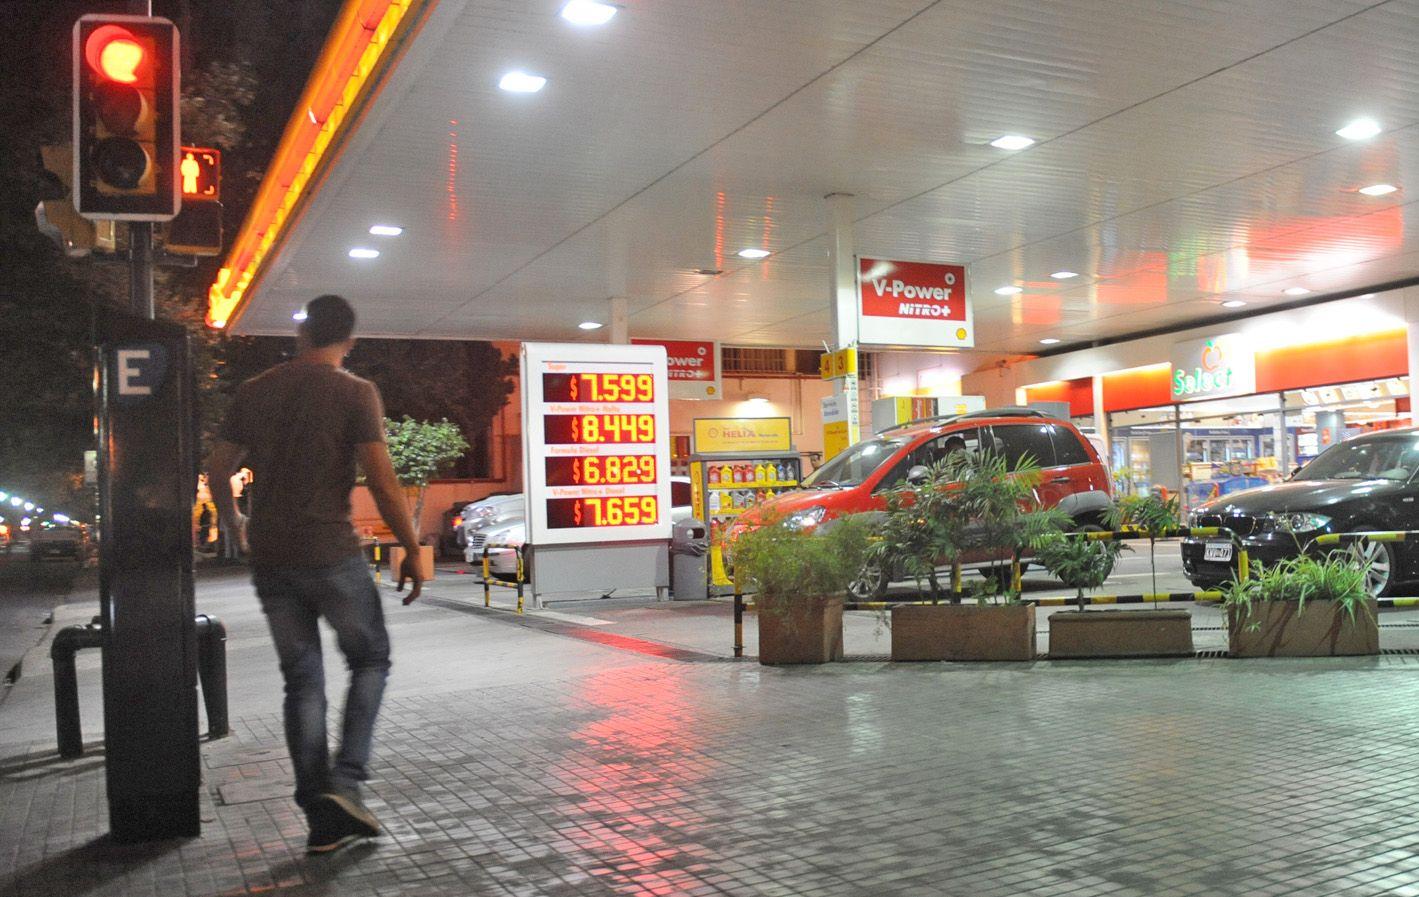 Energía cara. Los estacioneros locales se adhirieron a las subas dispuestas por los grandes actores del sector.